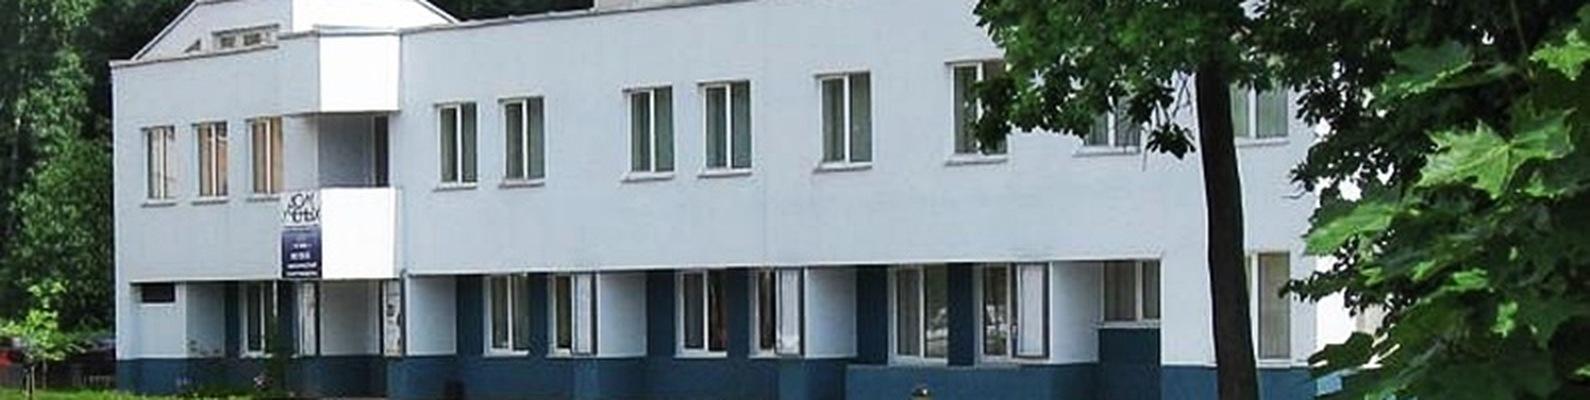 Музей «Физическая кунсткамера» (Троицк)